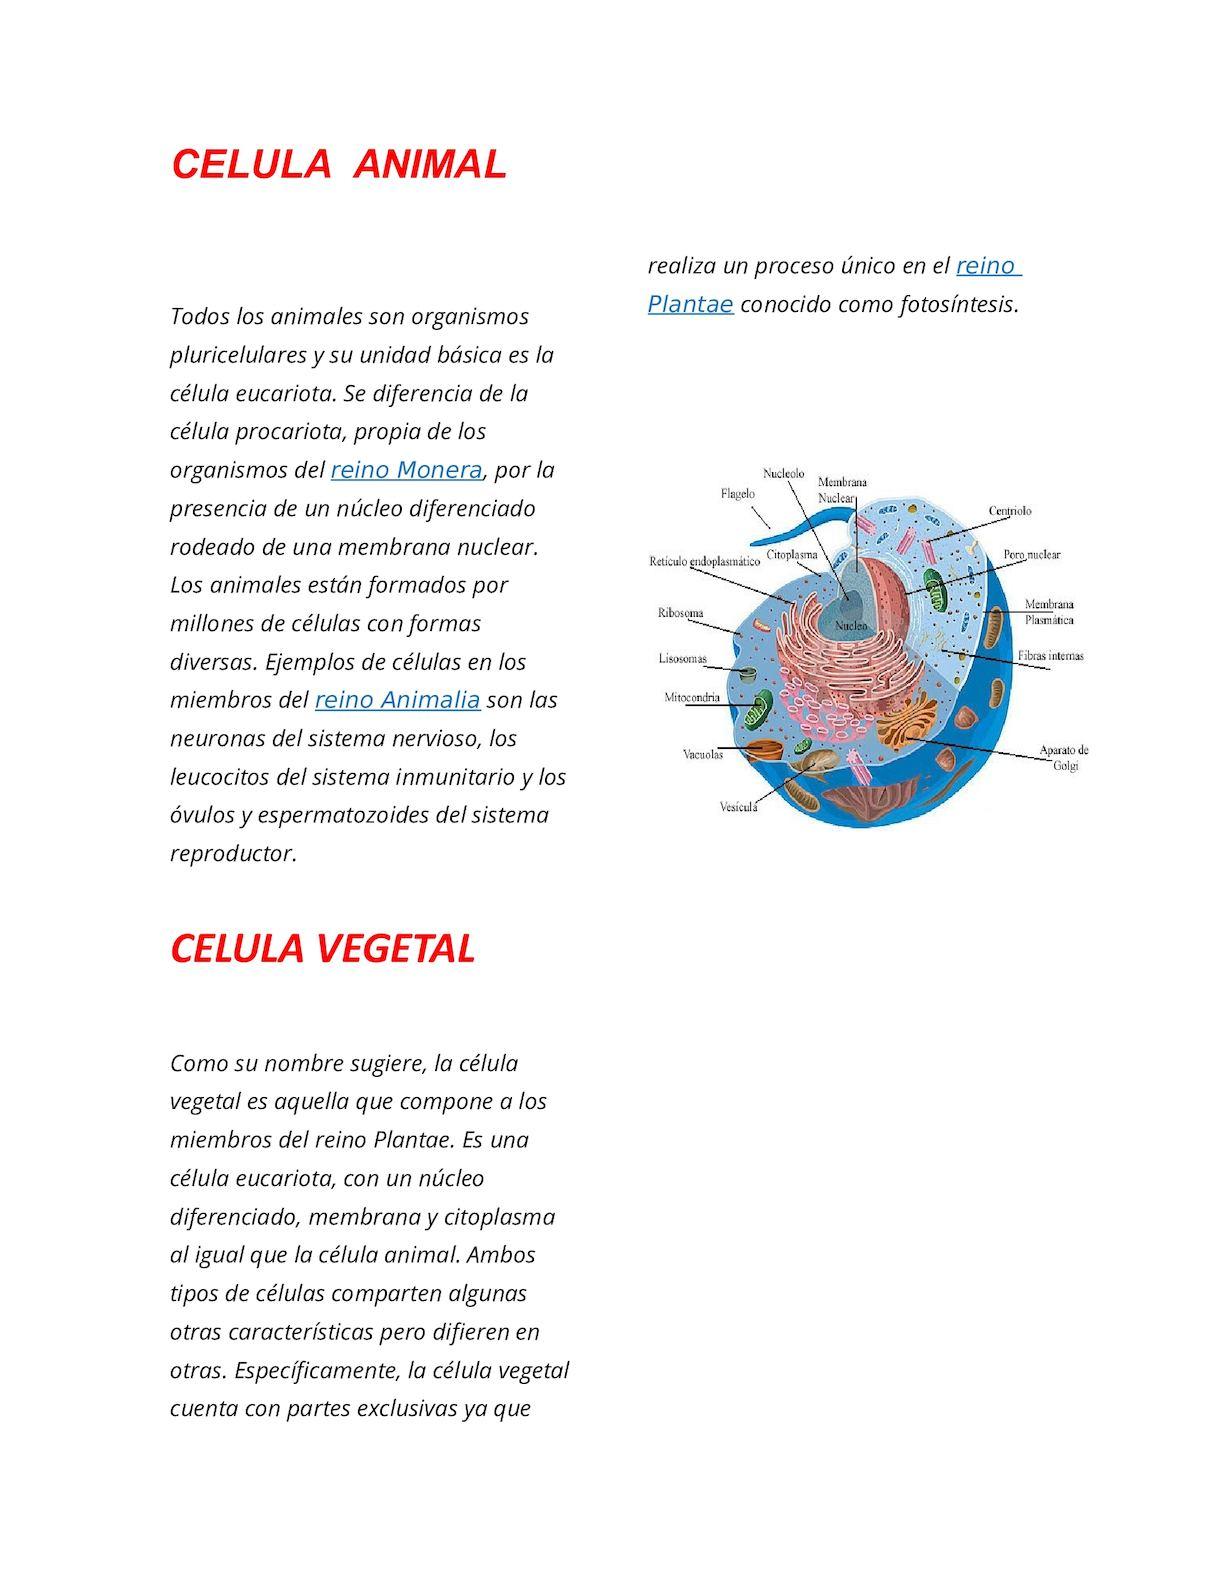 Calaméo Celula Animal